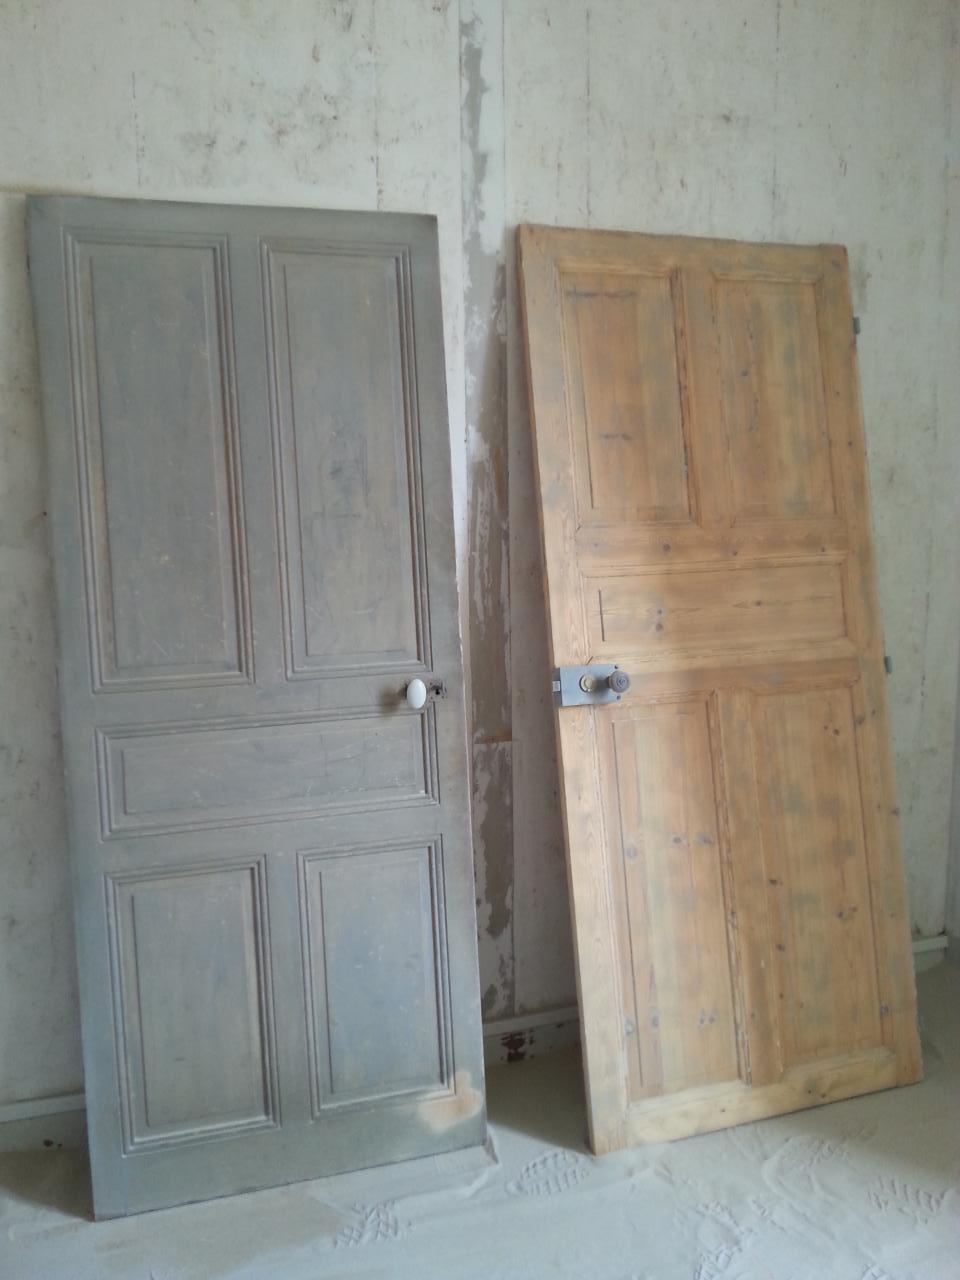 Aérogommage d'une porte intérieur avant après